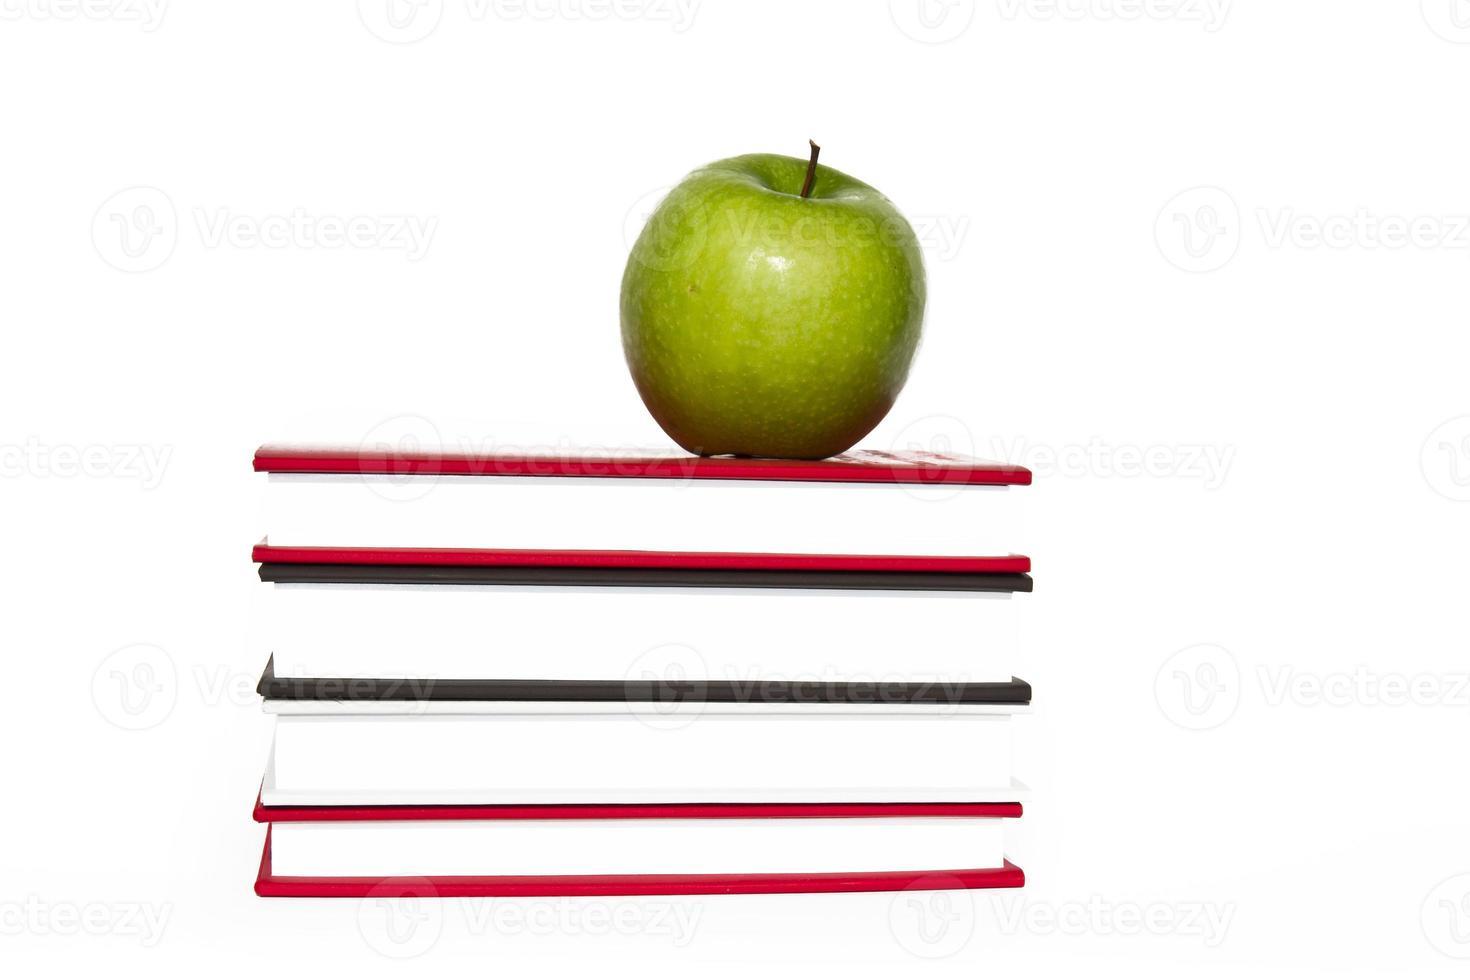 boeken en appel geïsoleerd op een witte achtergrond foto